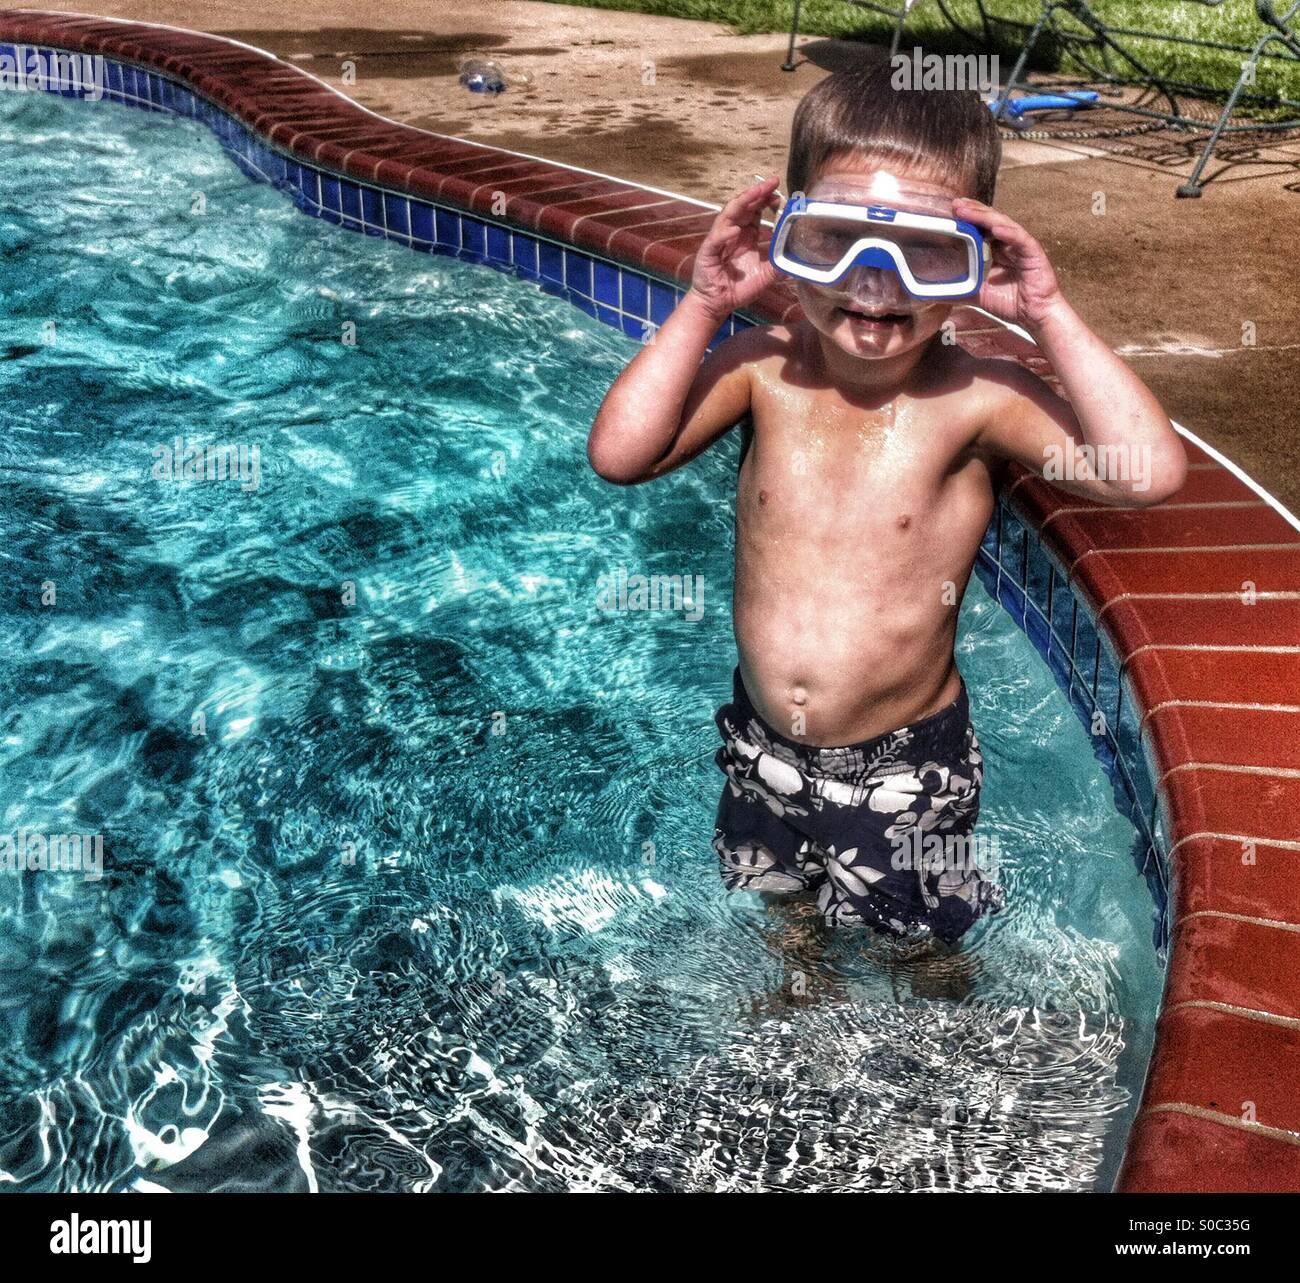 Lustiges Bild eines jungen mit Schnorchel Maske Stockbild